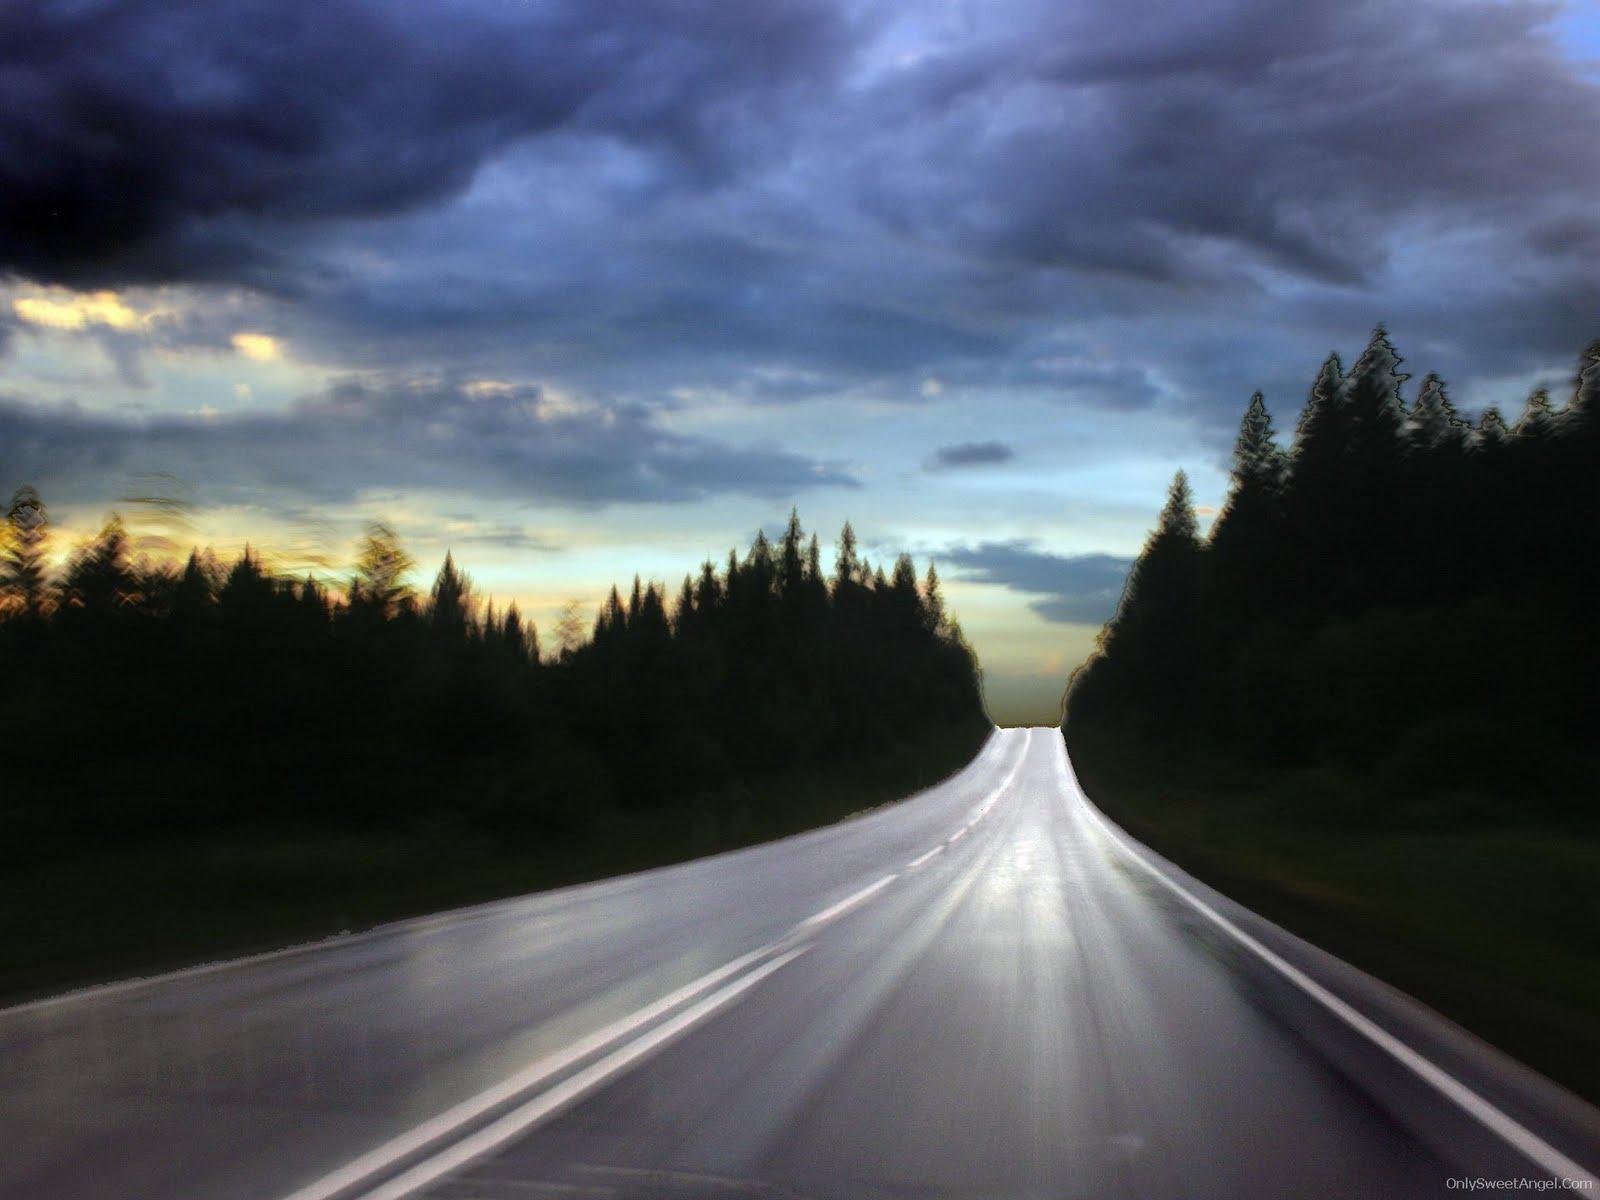 http://4.bp.blogspot.com/-qEuTfbvqazs/TXuDmt8cTyI/AAAAAAAACwk/CyauxgtyXqU/s1600/beautiful_nature_wallpaper_30.jpg